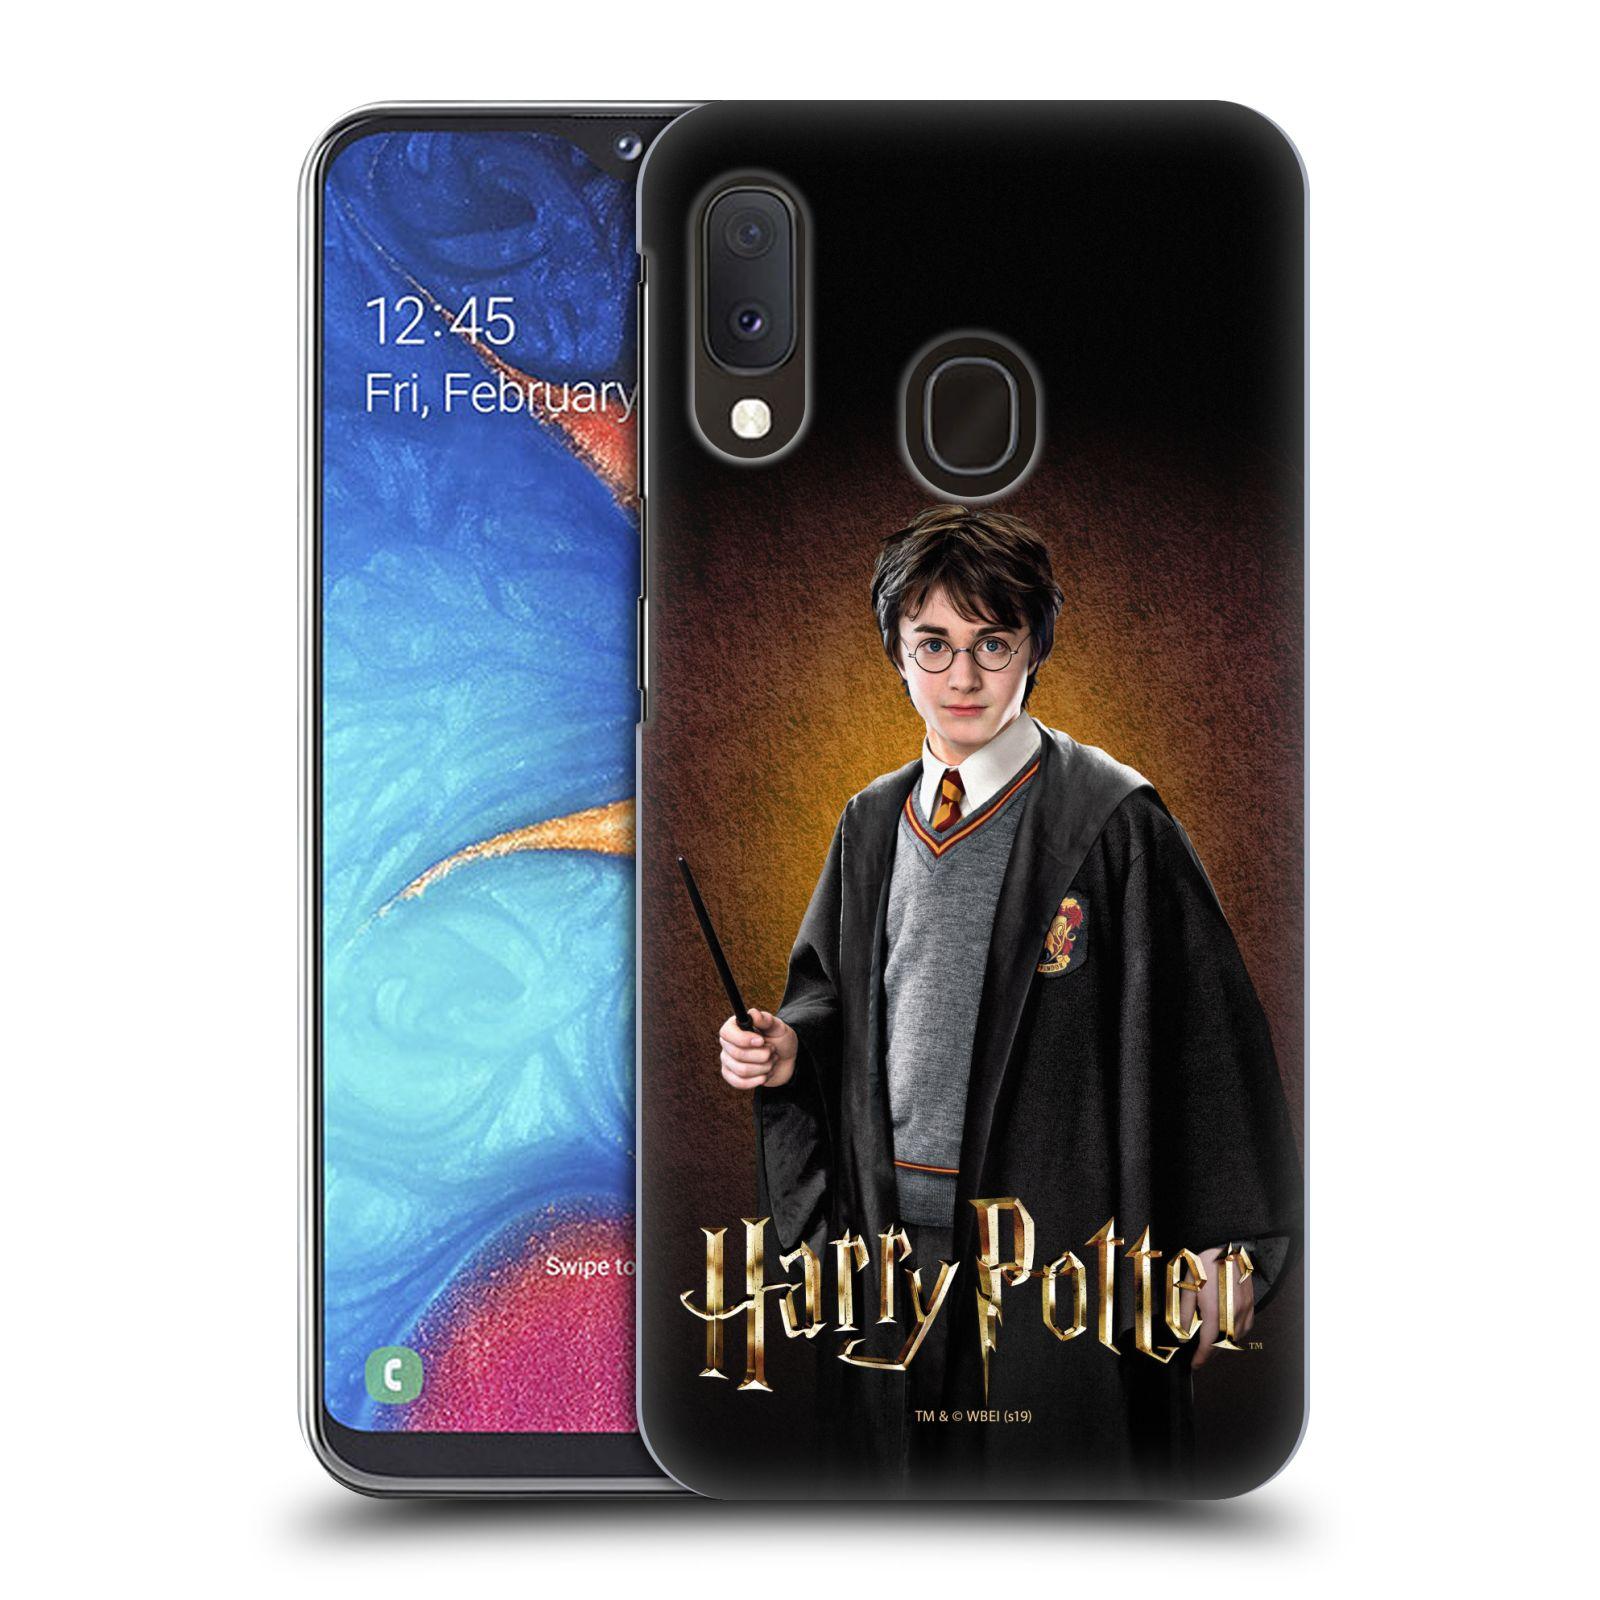 Plastové pouzdro na mobil Samsung Galaxy A20e - Harry Potter - Malý Harry Potter